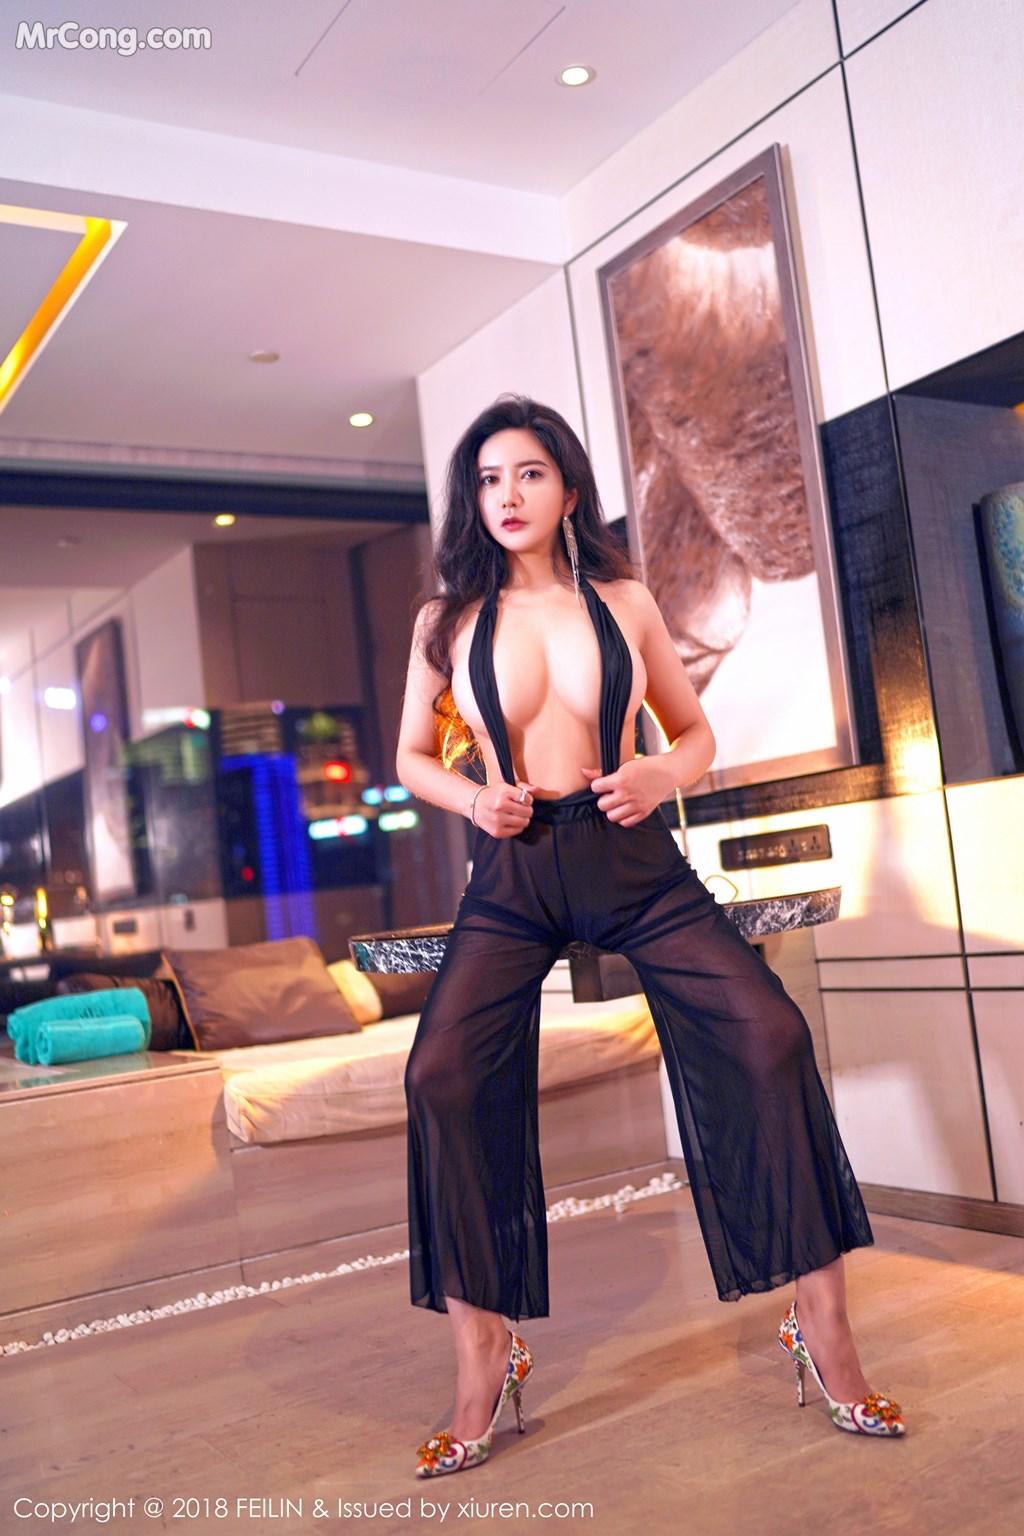 Image FEILIN-Vol.130-Xin-Yan-Gong-Zhu-MrCong.com-006 in post FEILIN Vol.130: Người mẫu Xin Yan Gong Zhu (心妍公主) (39 ảnh)